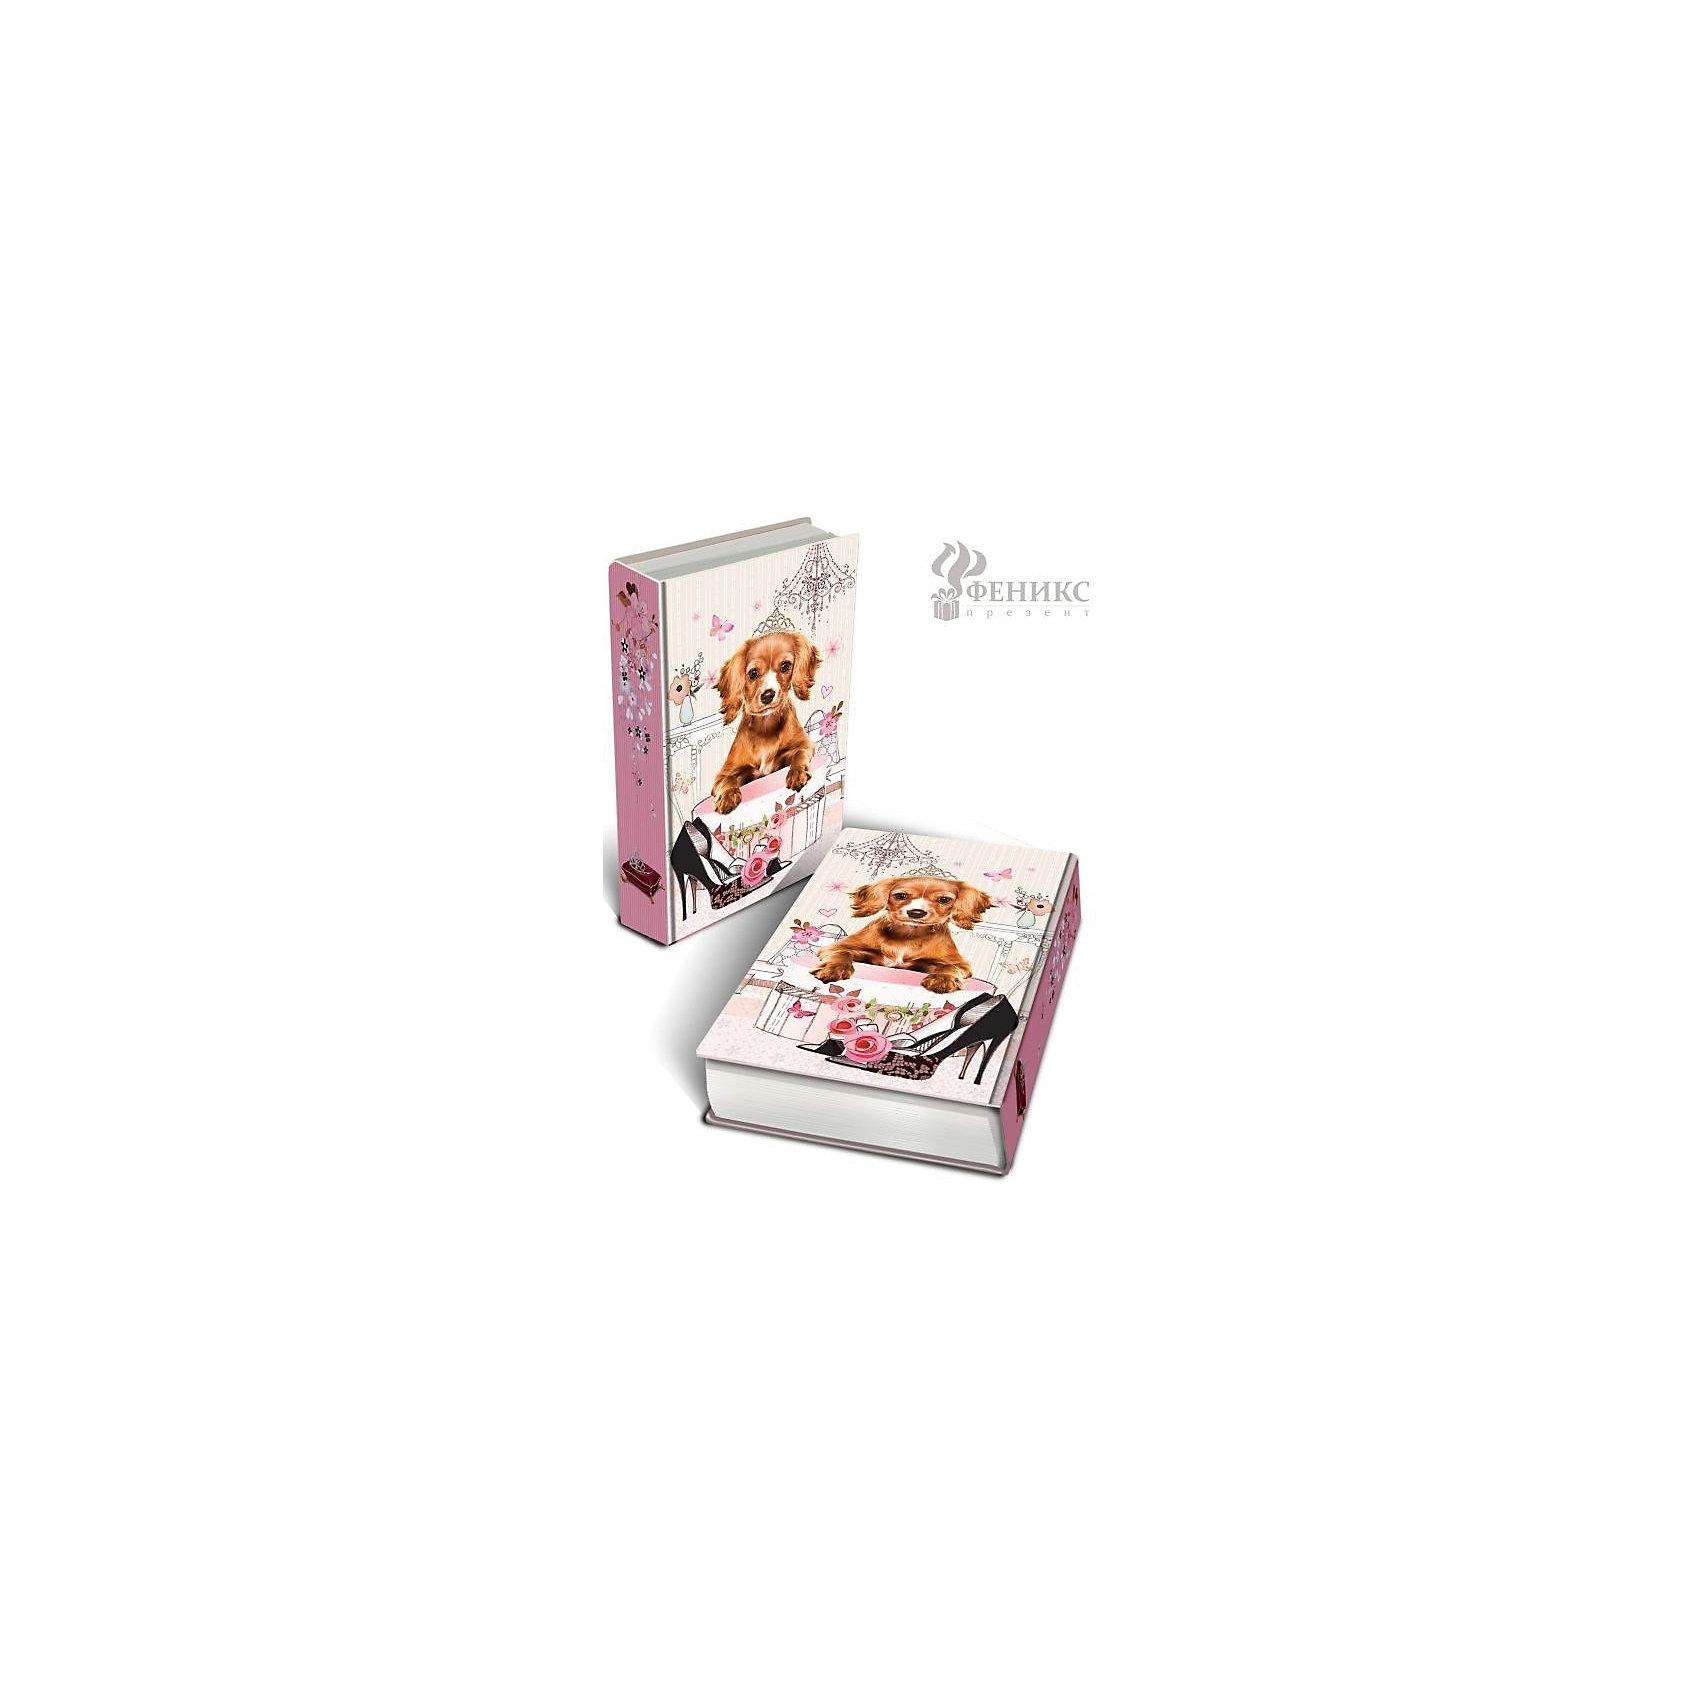 Феникс-Презент Шкатулка декоративная Принцесса (17*11*5 см) шкатулка декоративная феникс презент дождь в париже 17 2 х 11 5 х 6 5 см